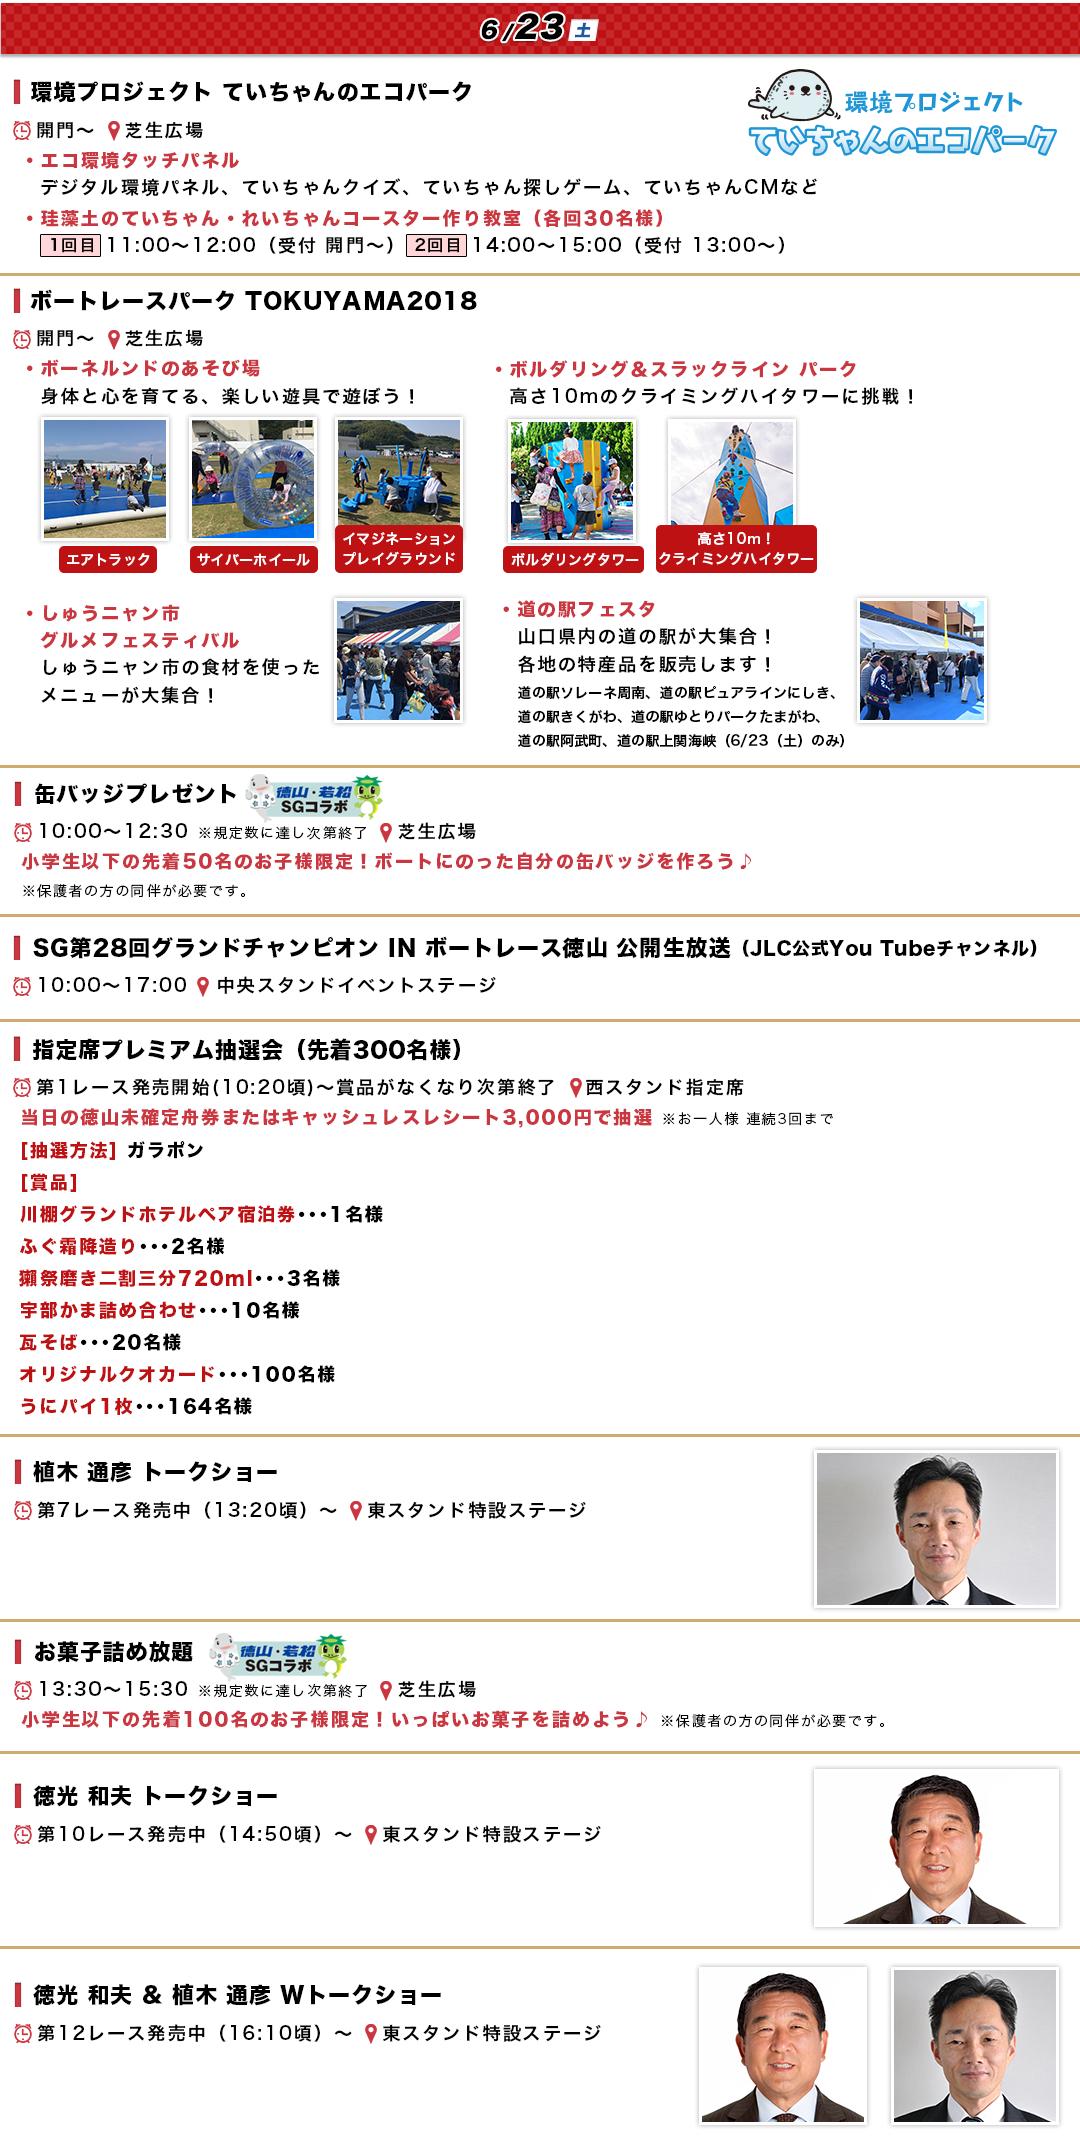 徳山SGグランドチャンピオンのイベント情報(5日目)